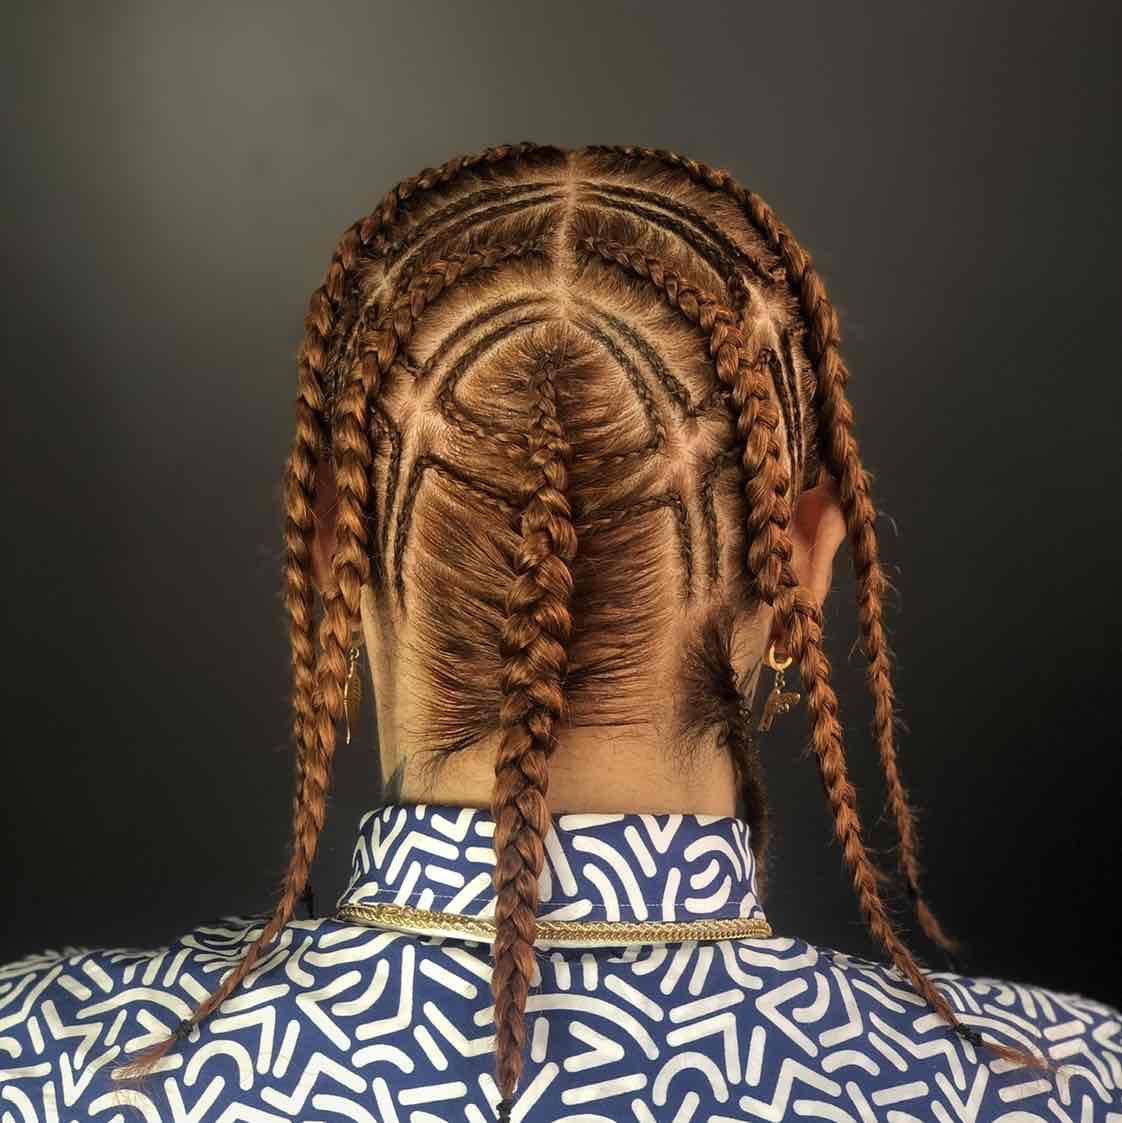 salon de coiffure afro tresse tresses box braids crochet braids vanilles tissages paris 75 77 78 91 92 93 94 95 OMDDWSHQ